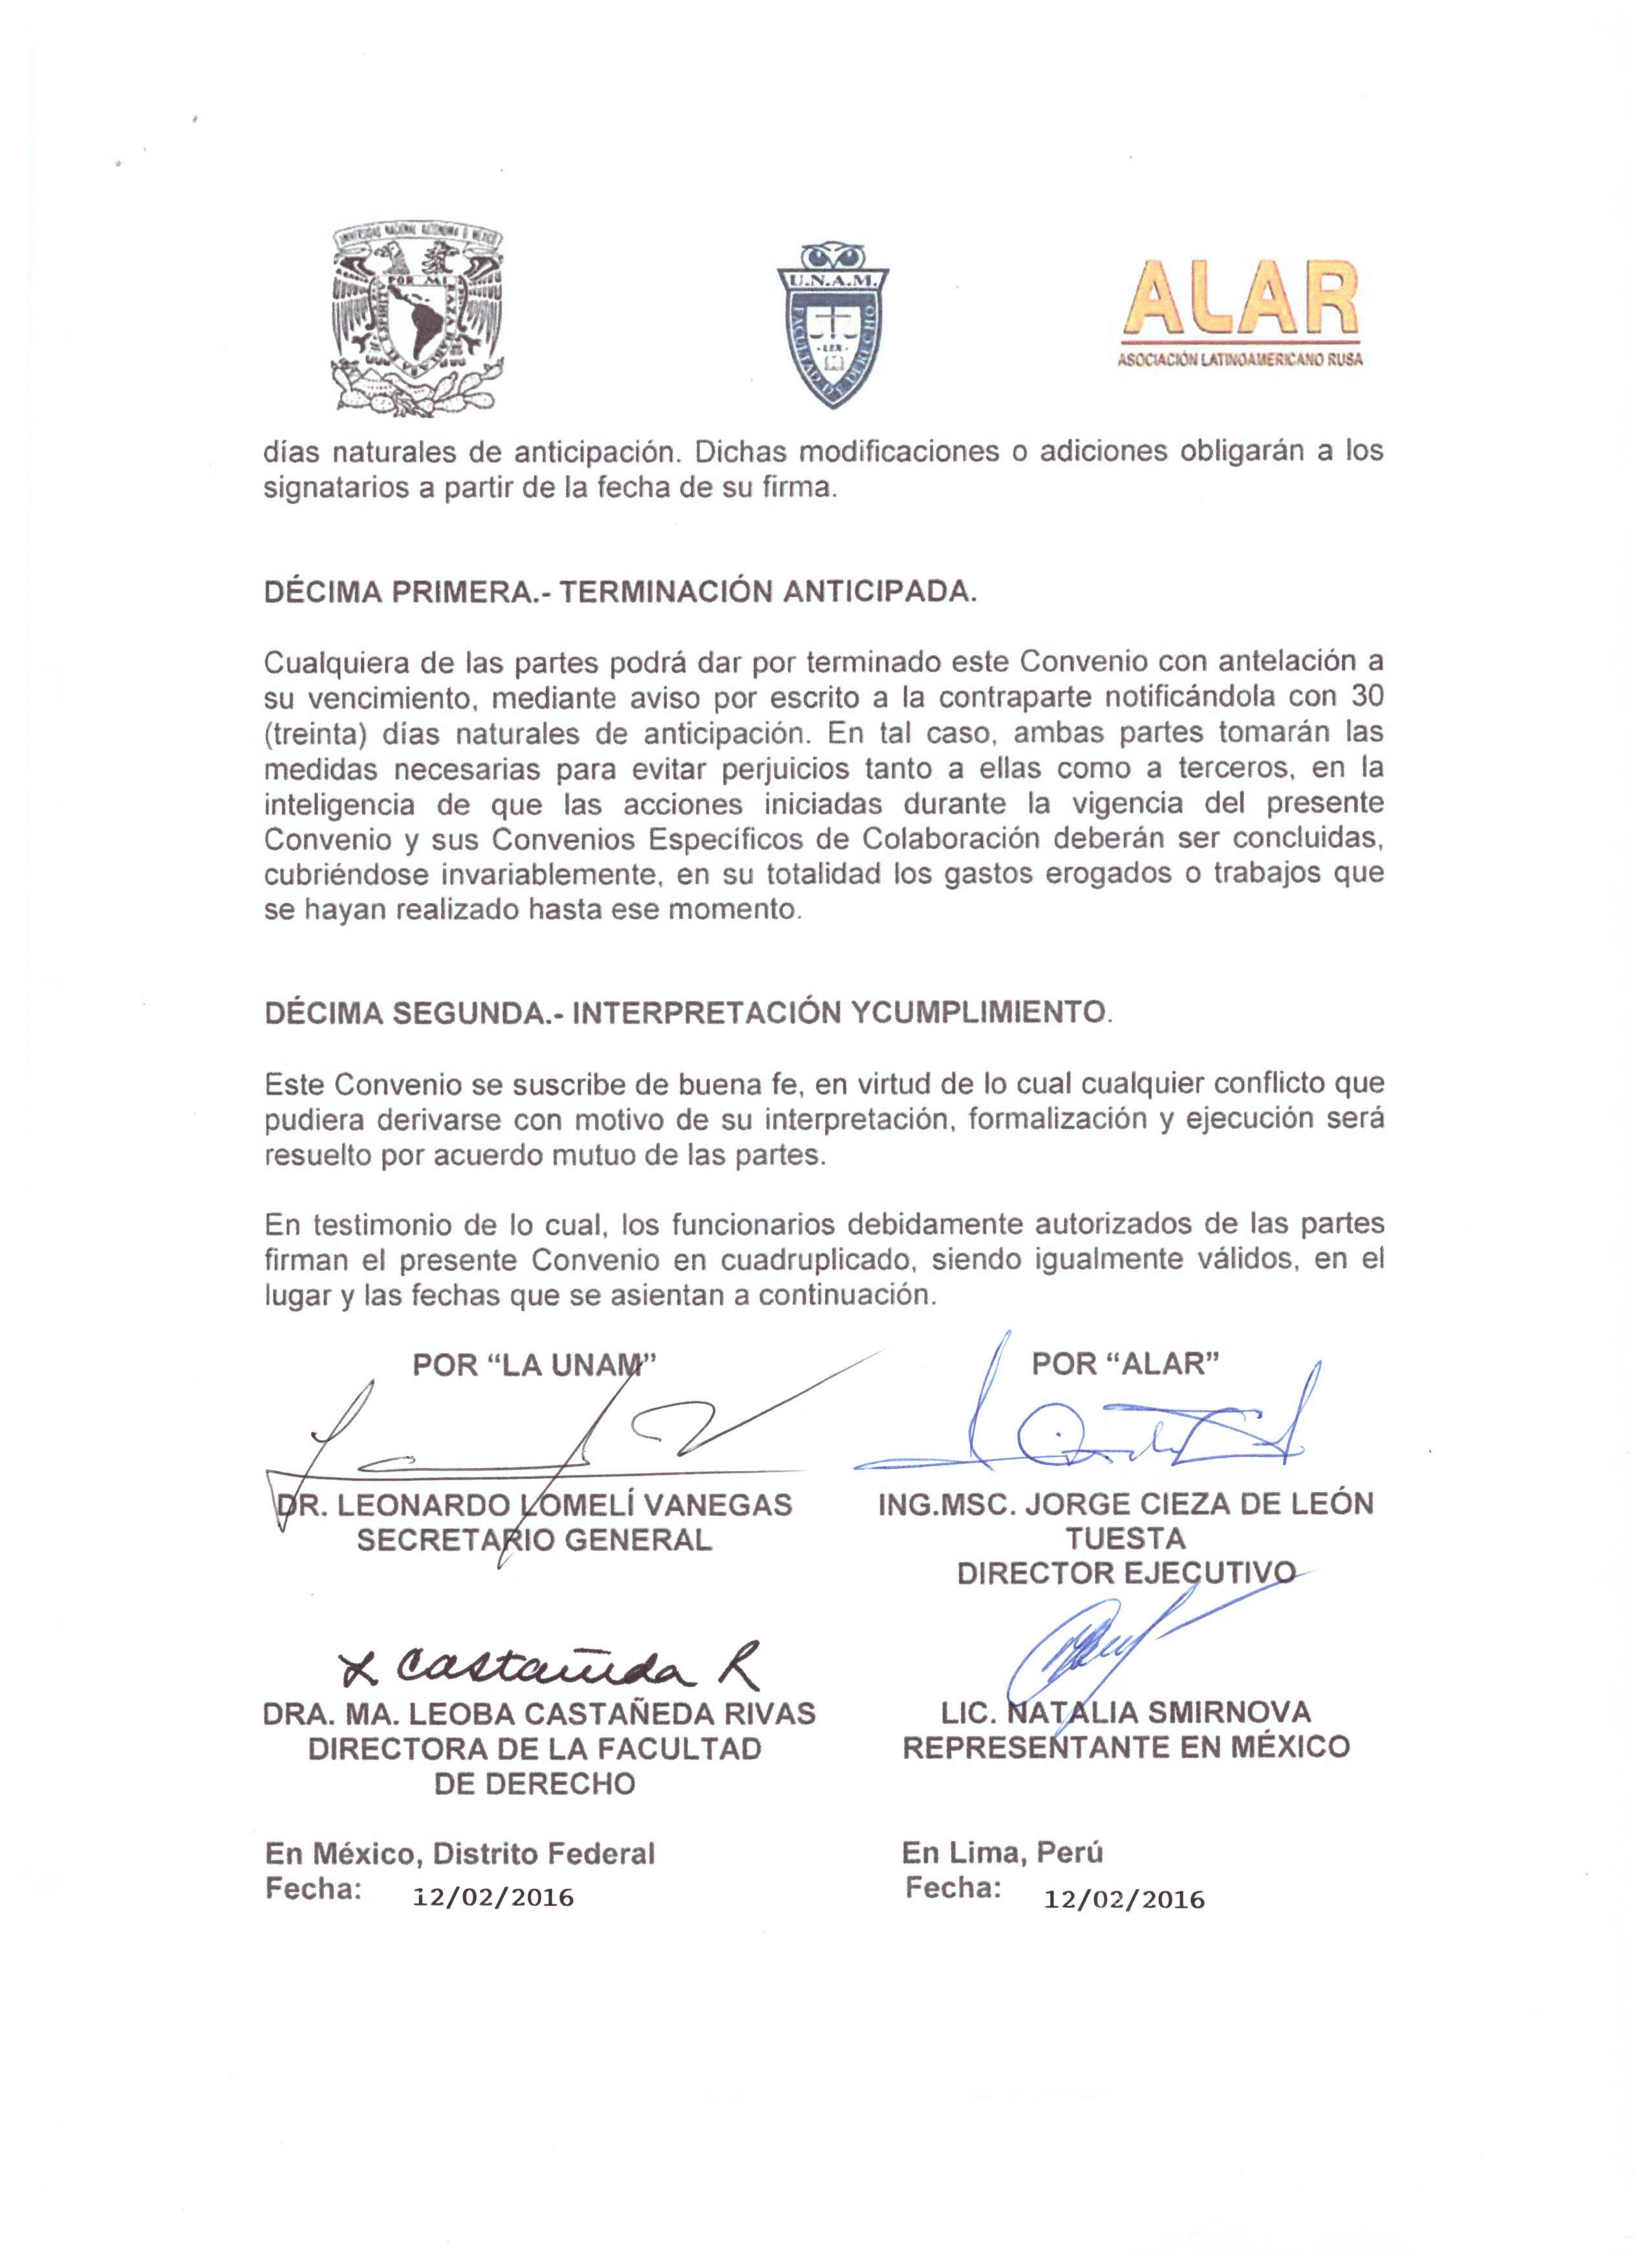 Convenio Interinstitucional entre la Universidad Nacional Autónoma de México (UNAM) y ALAR